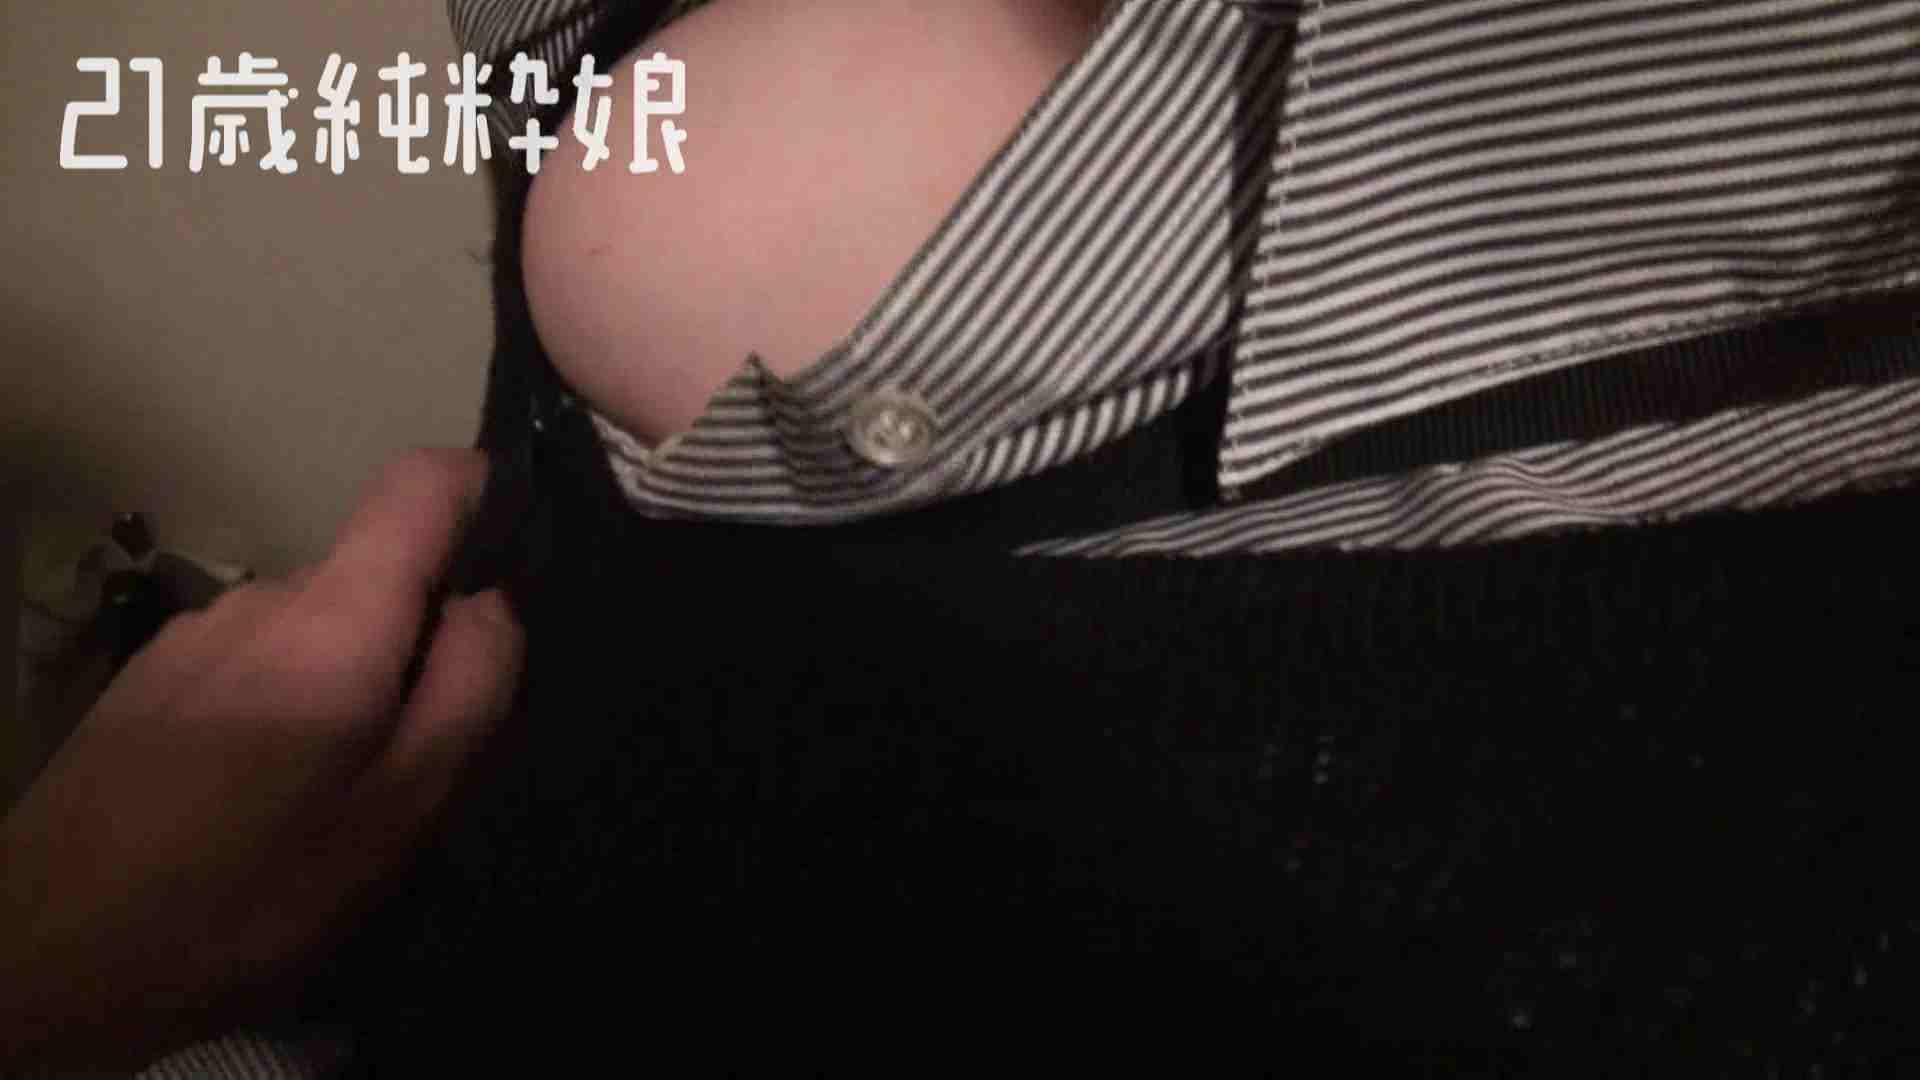 上京したばかりのGカップ21歳純粋嬢を都合の良い女にしてみた 学校  86pic 12